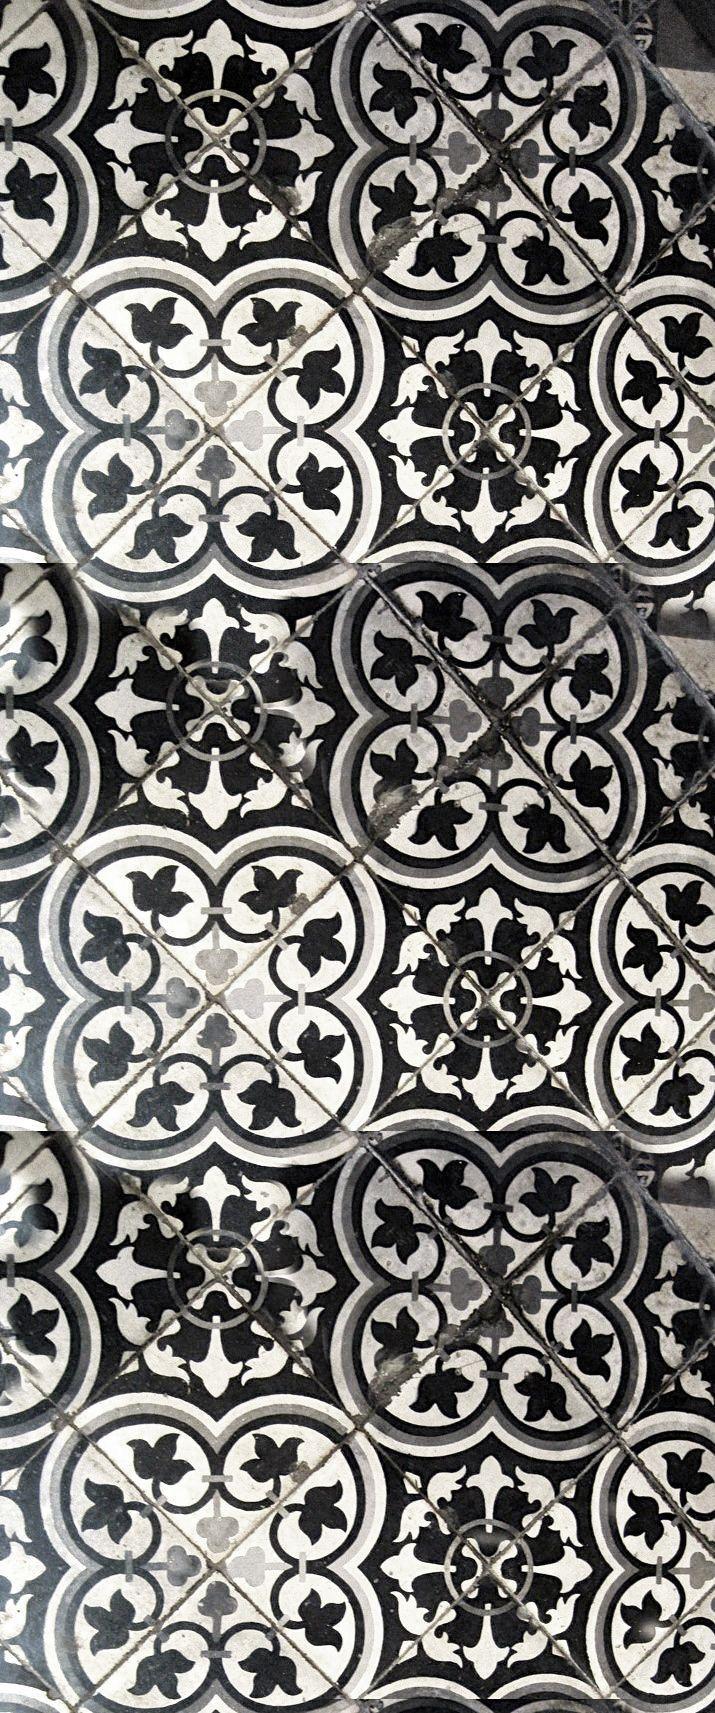 Les 25 meilleures id es de la cat gorie gravures de salle de bains sur pinterest art mural - Carreaux sol noire ...